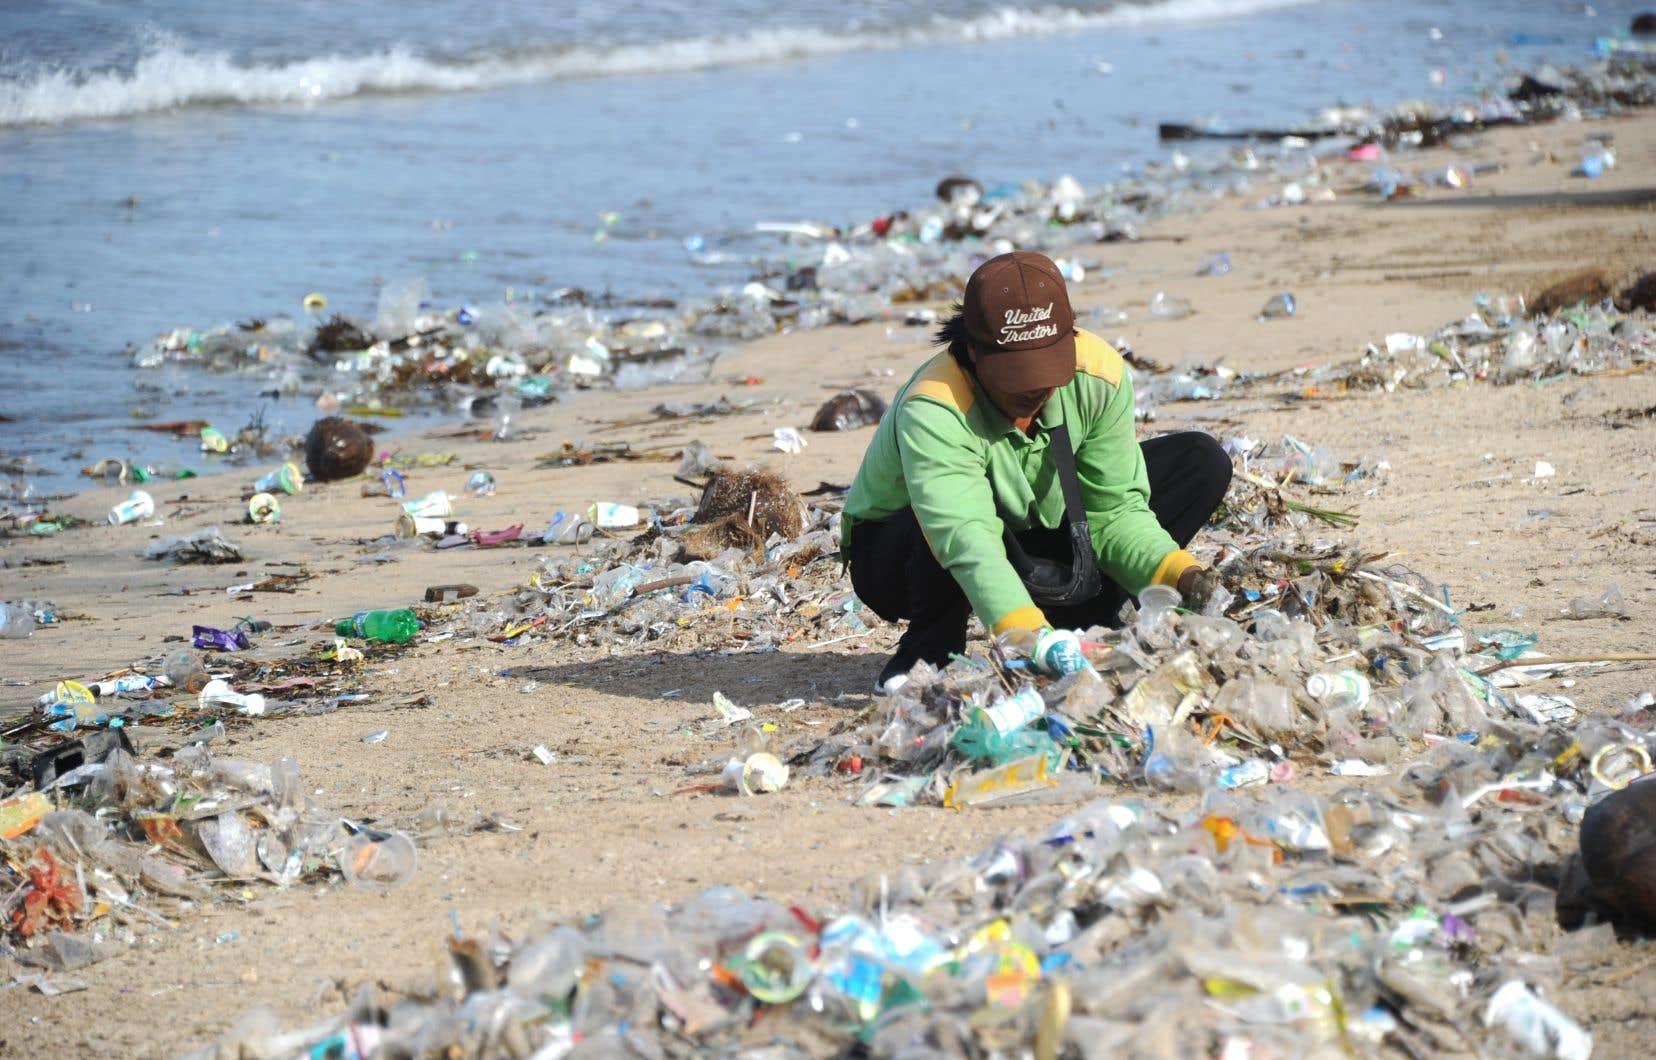 Cette photo prise le 19 décembre 2017 montre un ramasseur d'ordures qui nettoie la plage de Kuta près de Denpasar, sur l'île touristique de Bali, en Indonésie.